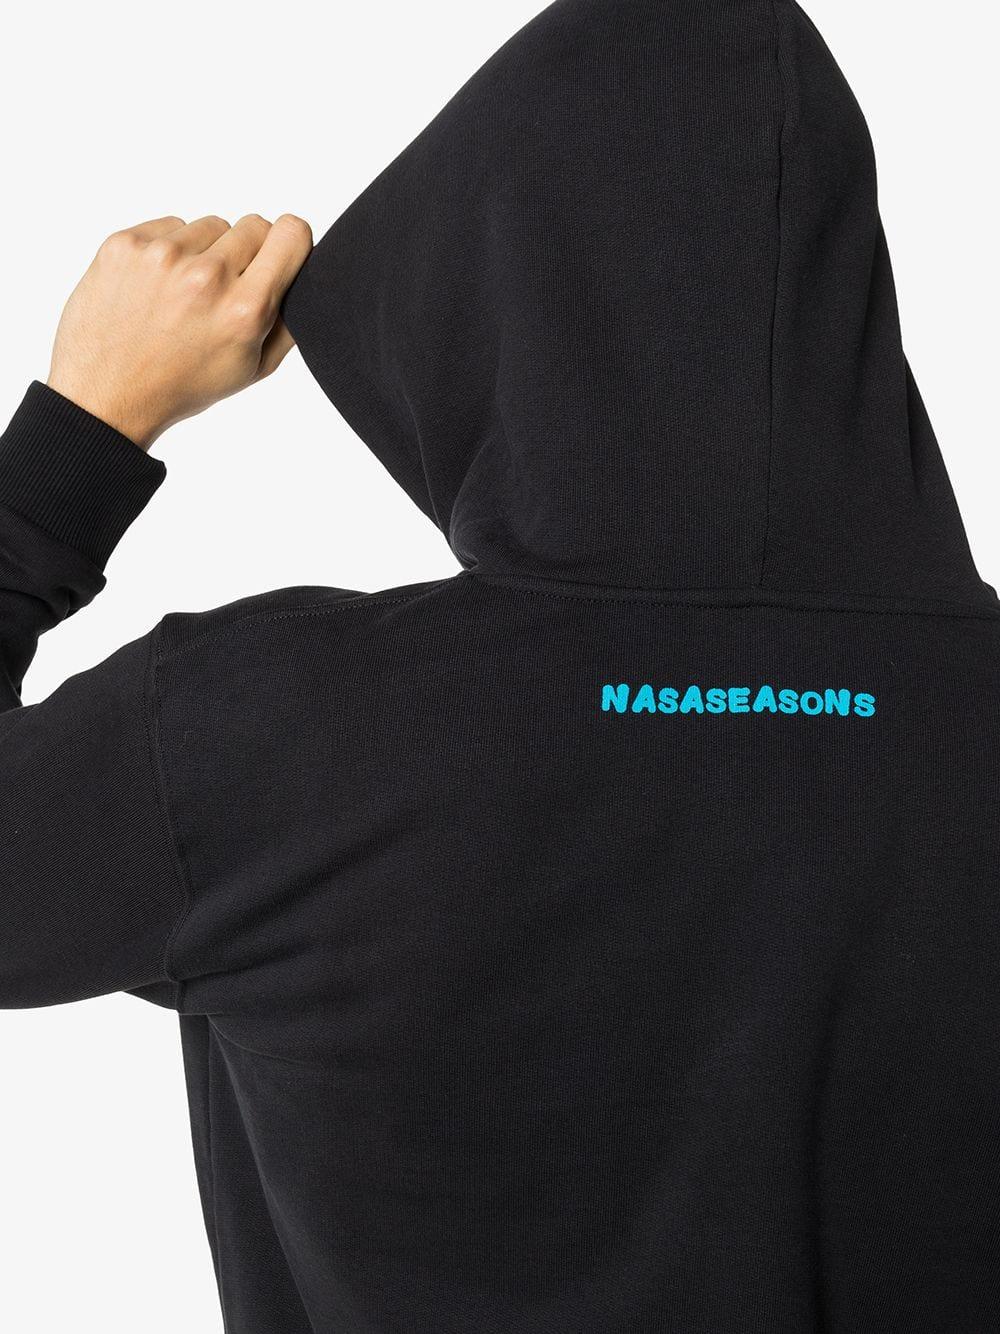 Picture of Nasaseasons | Dark Angel Print Hoodie